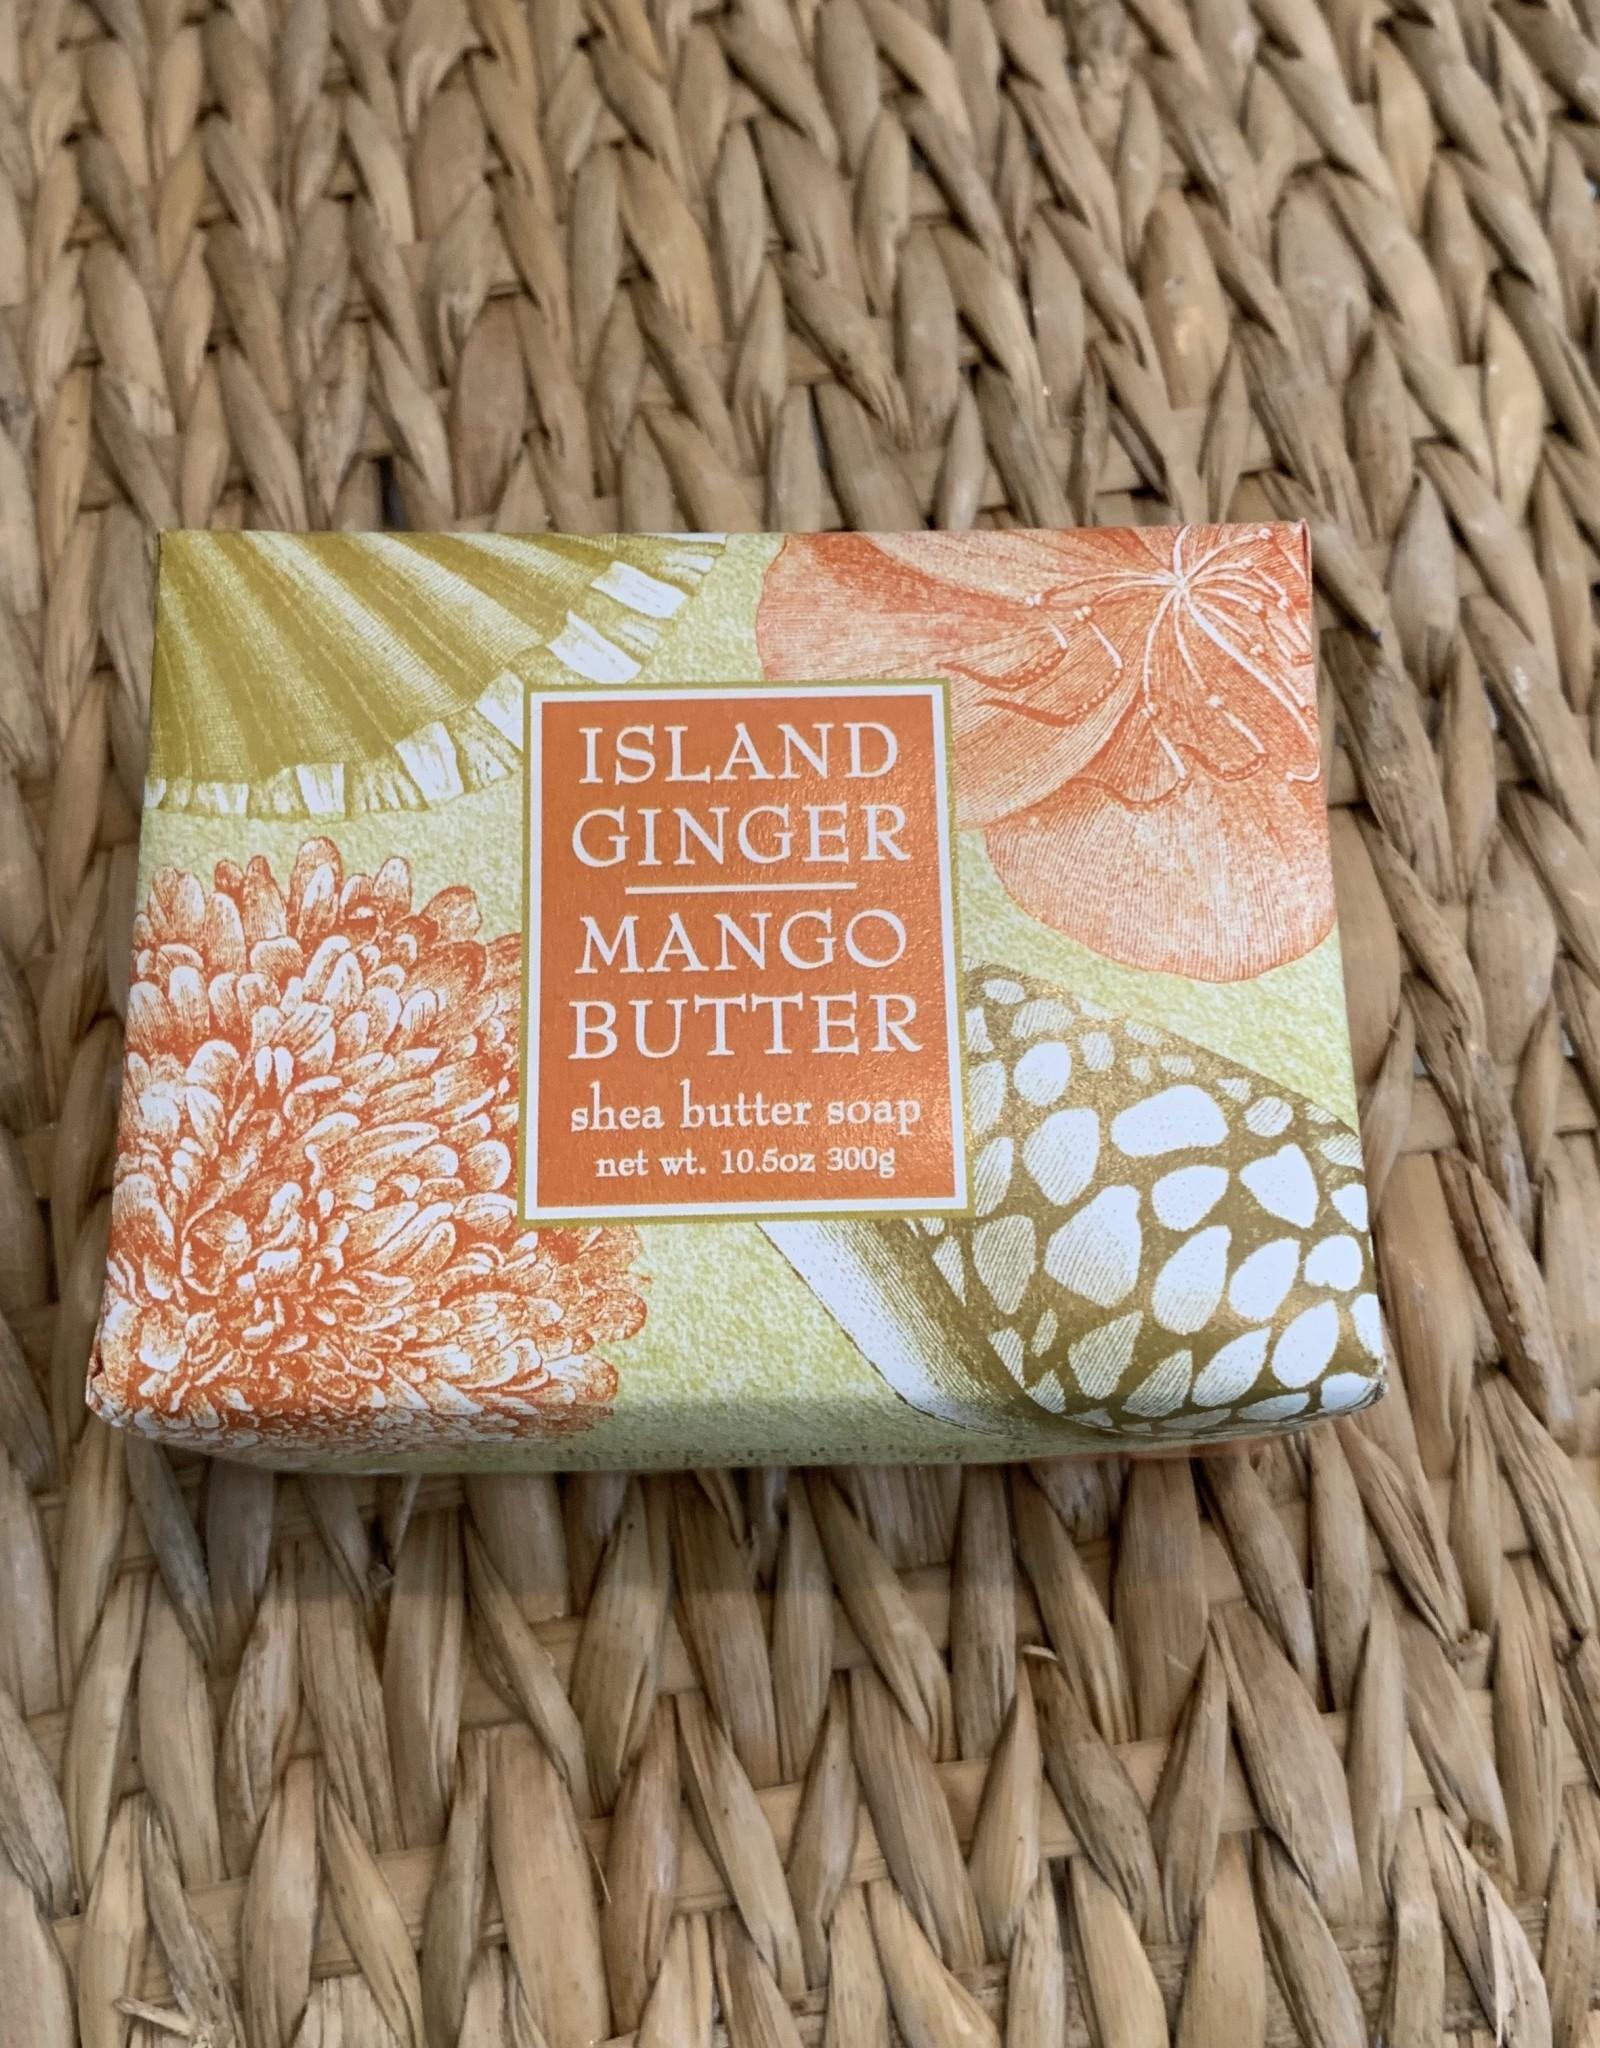 BLOCK ISLAND GINGER MANGO BUTTER SOAP